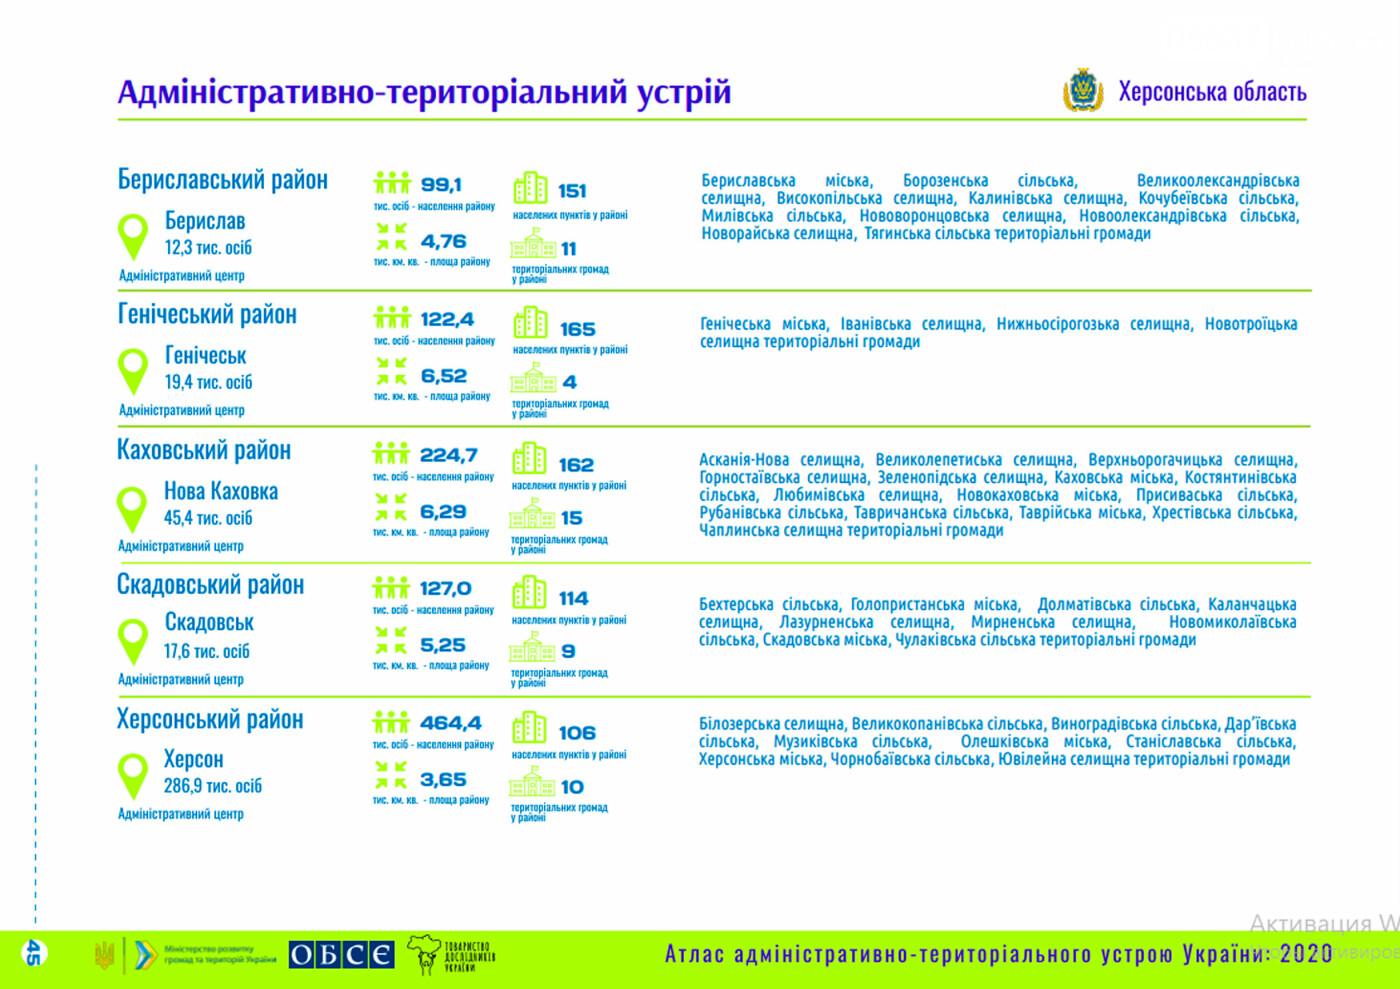 Новое административно-территориальное устройство: как на карте будет выглядеть Скадовский район, фото-2